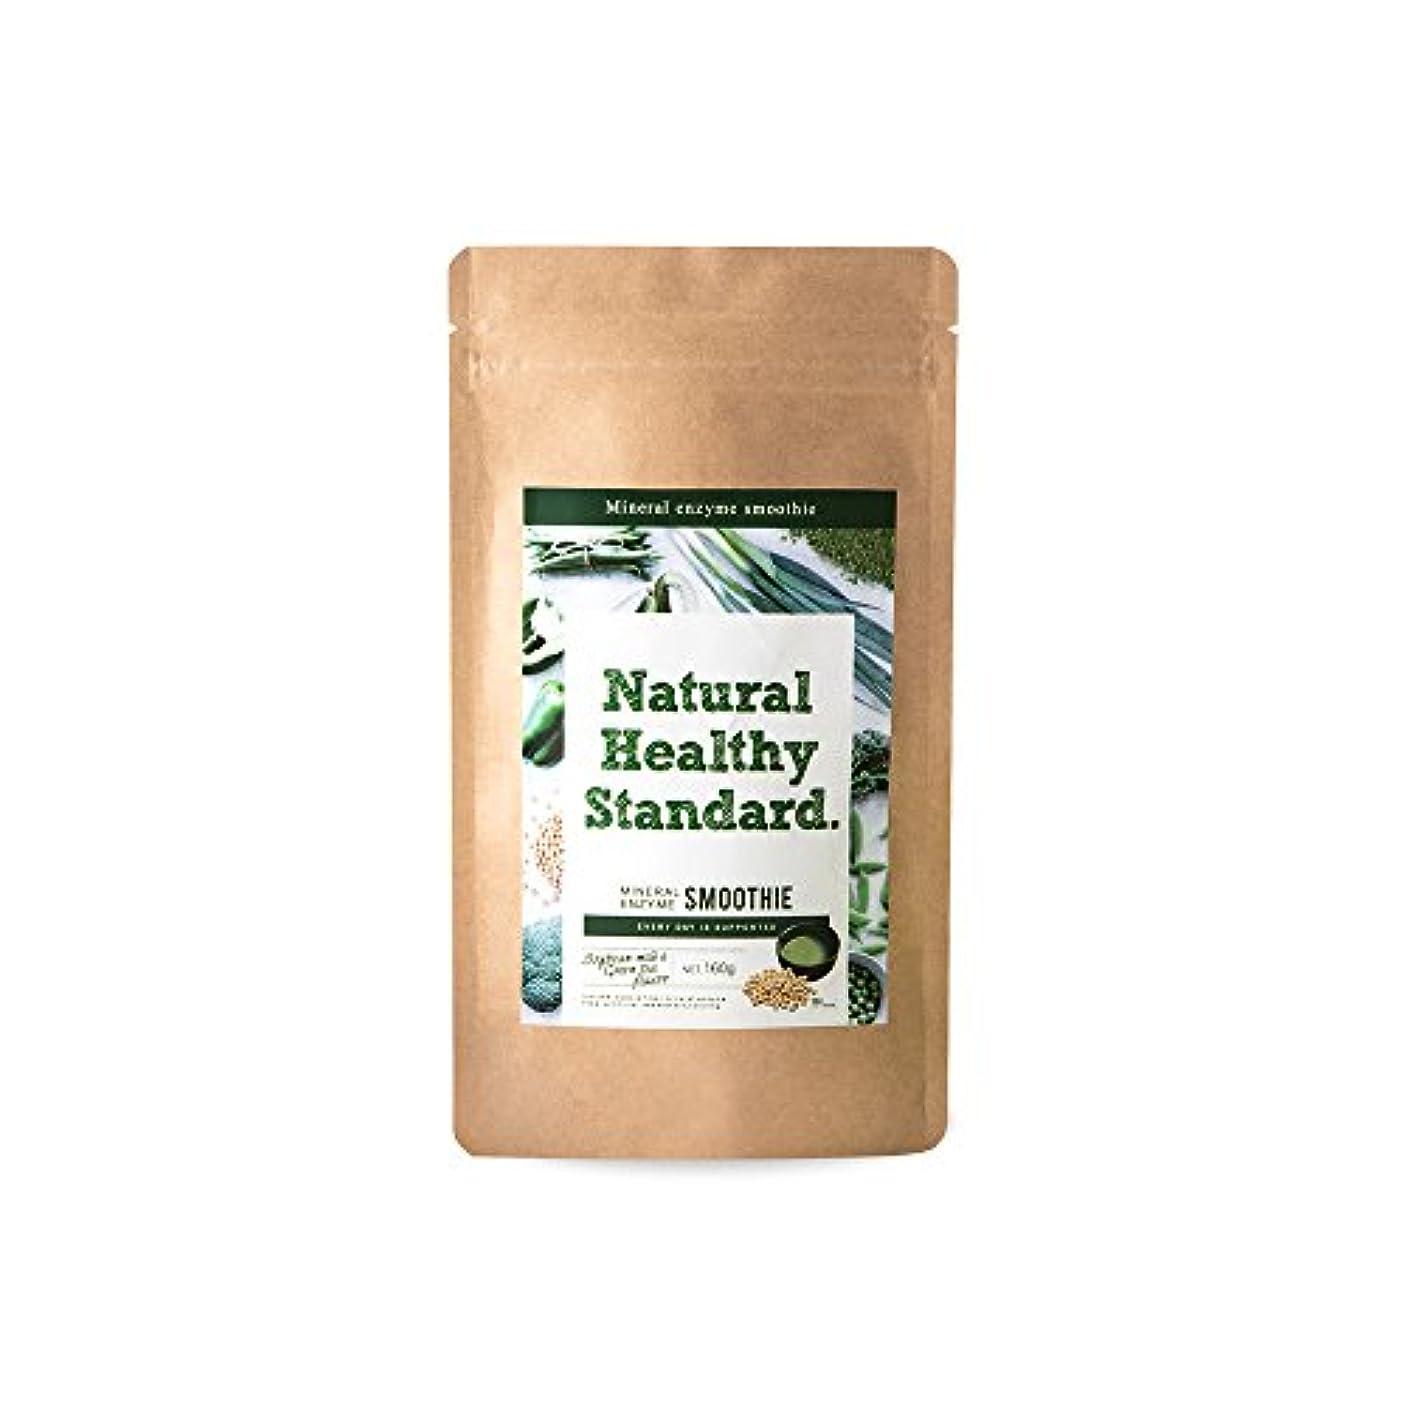 勝つ公使館こするNaturalHealthyStandard(ナチュラルヘルシースタンダード) ミネラル酵素グリーンスムージー 豆乳抹茶味 160g